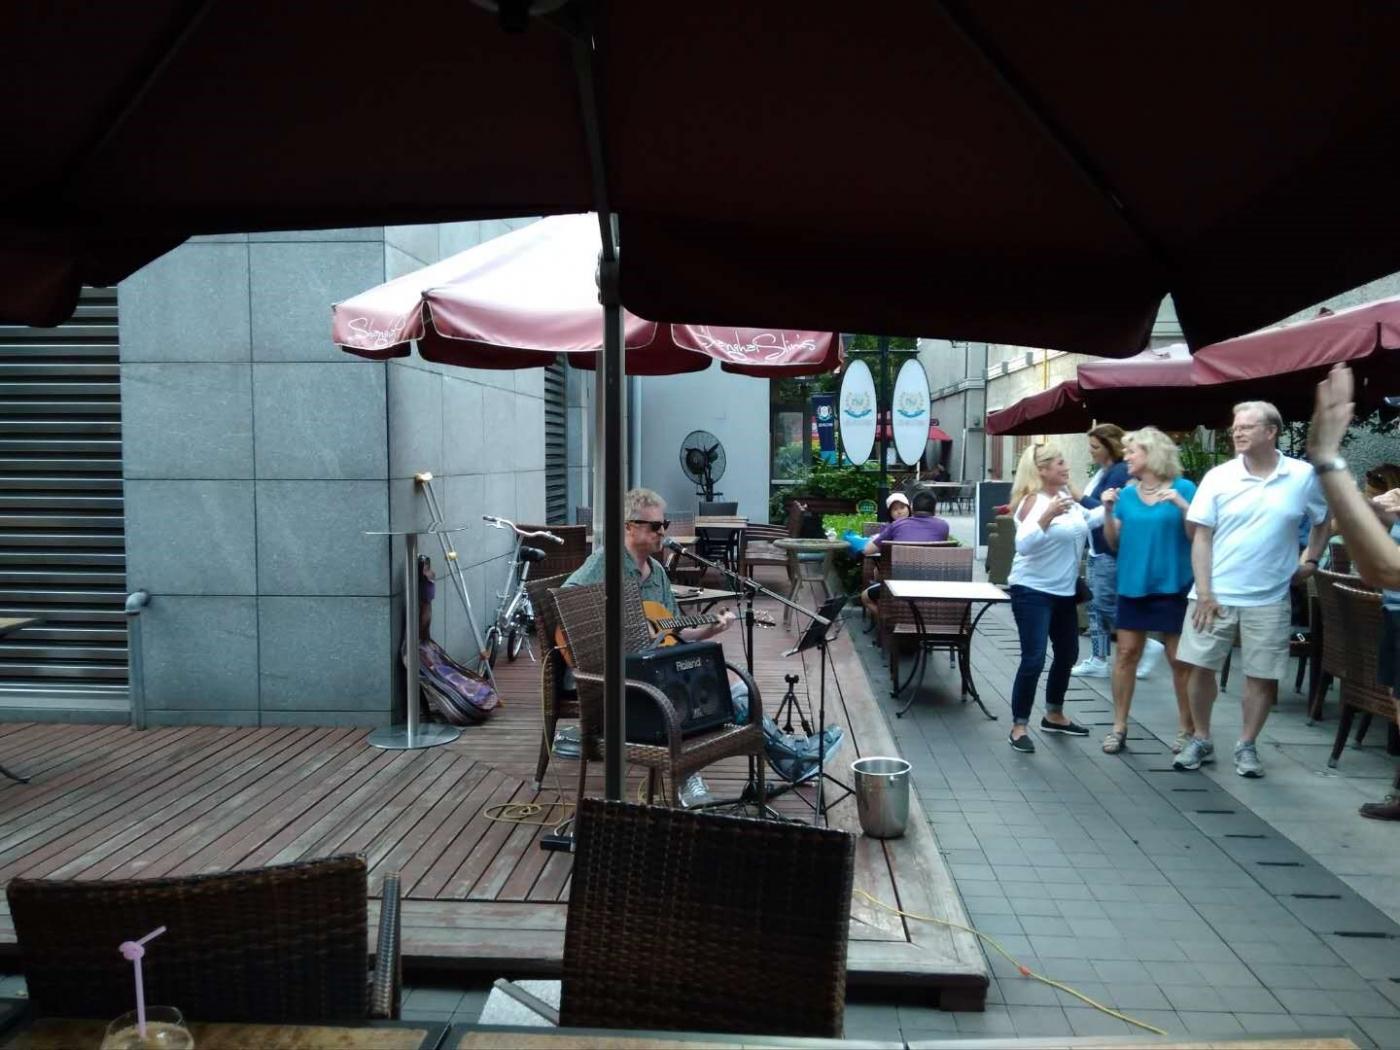 上海思南公馆:充满法式浪漫的夏至音乐会_图1-5